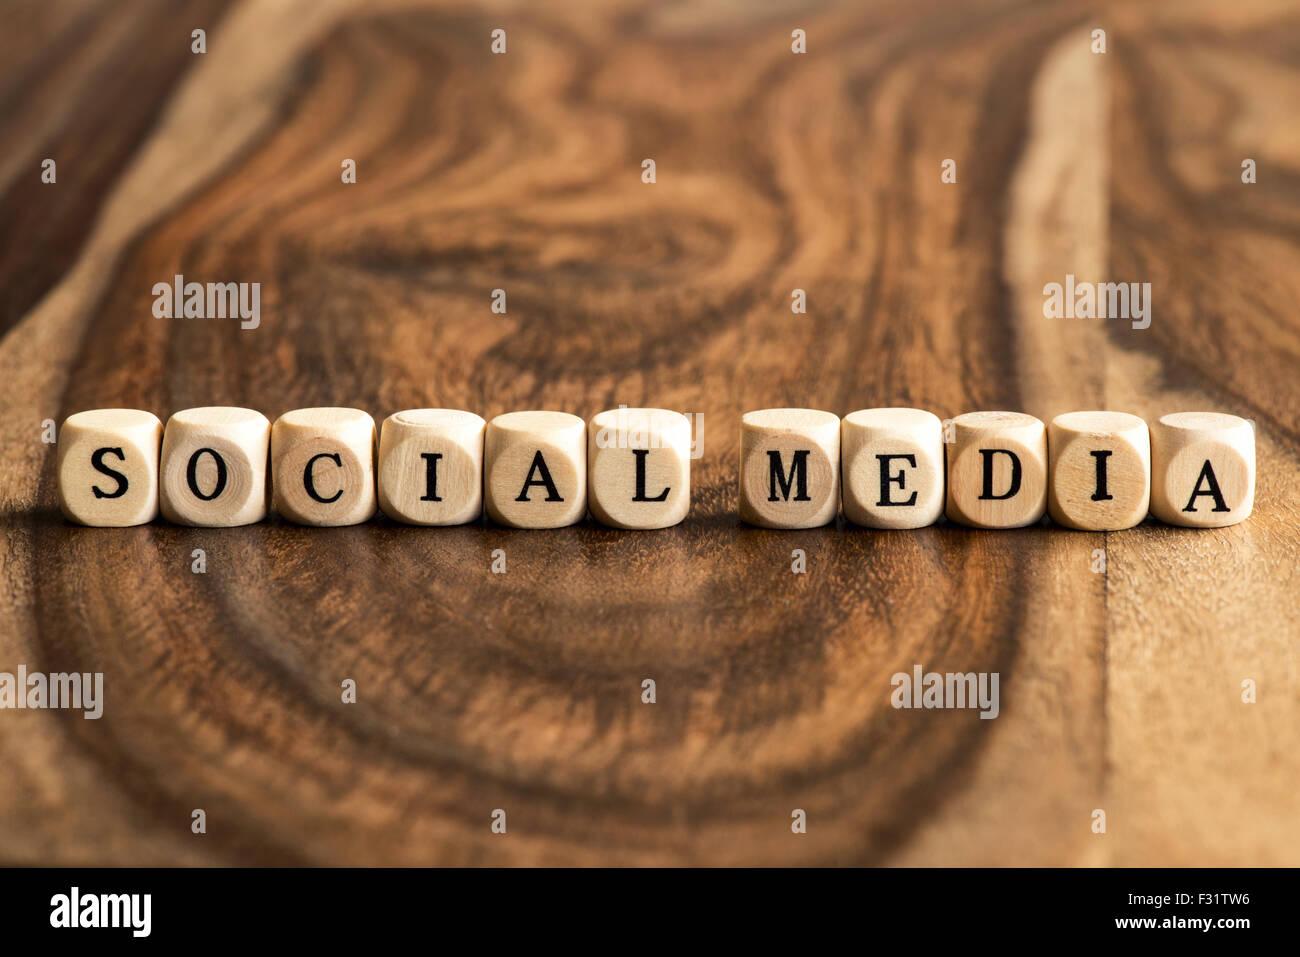 SOCIAL MEDIA parola sfondo su blocchi di legno Immagini Stock